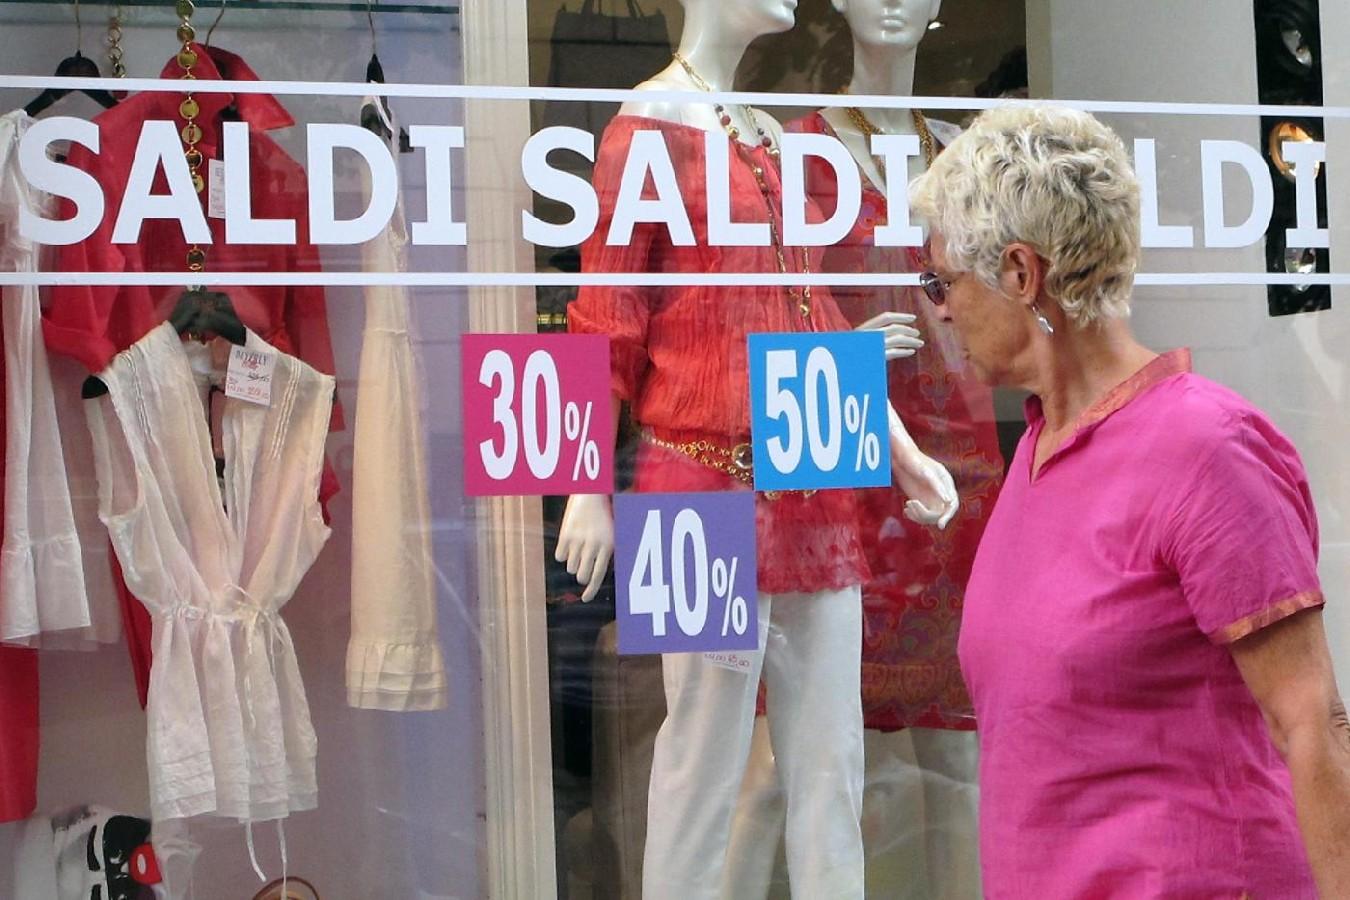 Partono i saldi in Calabria, ma le famiglie sempre povere restano